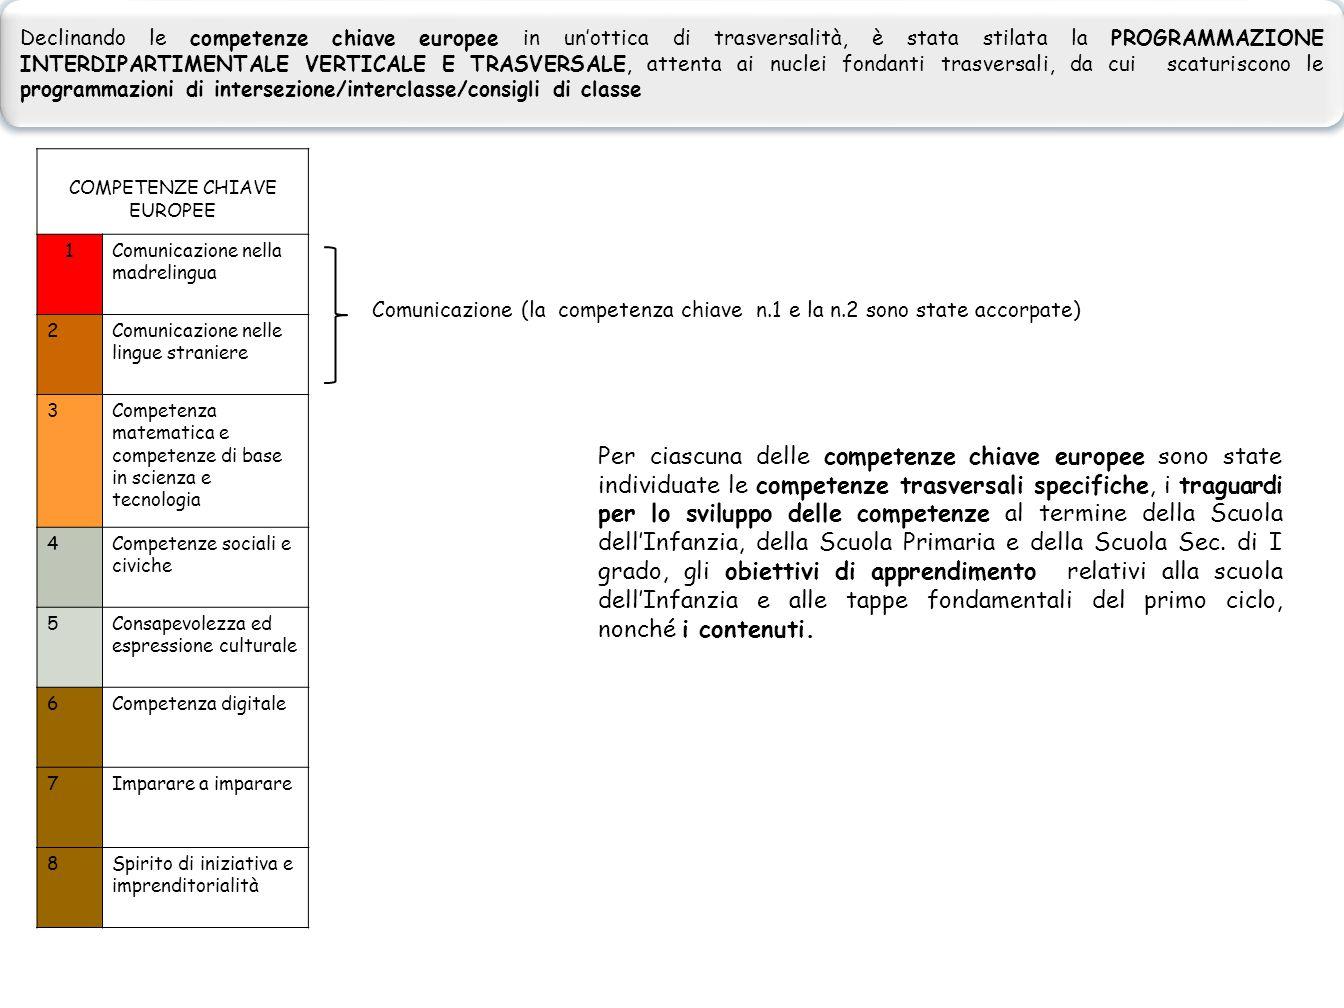 COMPETENZE CHIAVE EUROPEE 1Comunicazione nella madrelingua 2Comunicazione nelle lingue straniere 3Competenza matematica e competenze di base in scienz